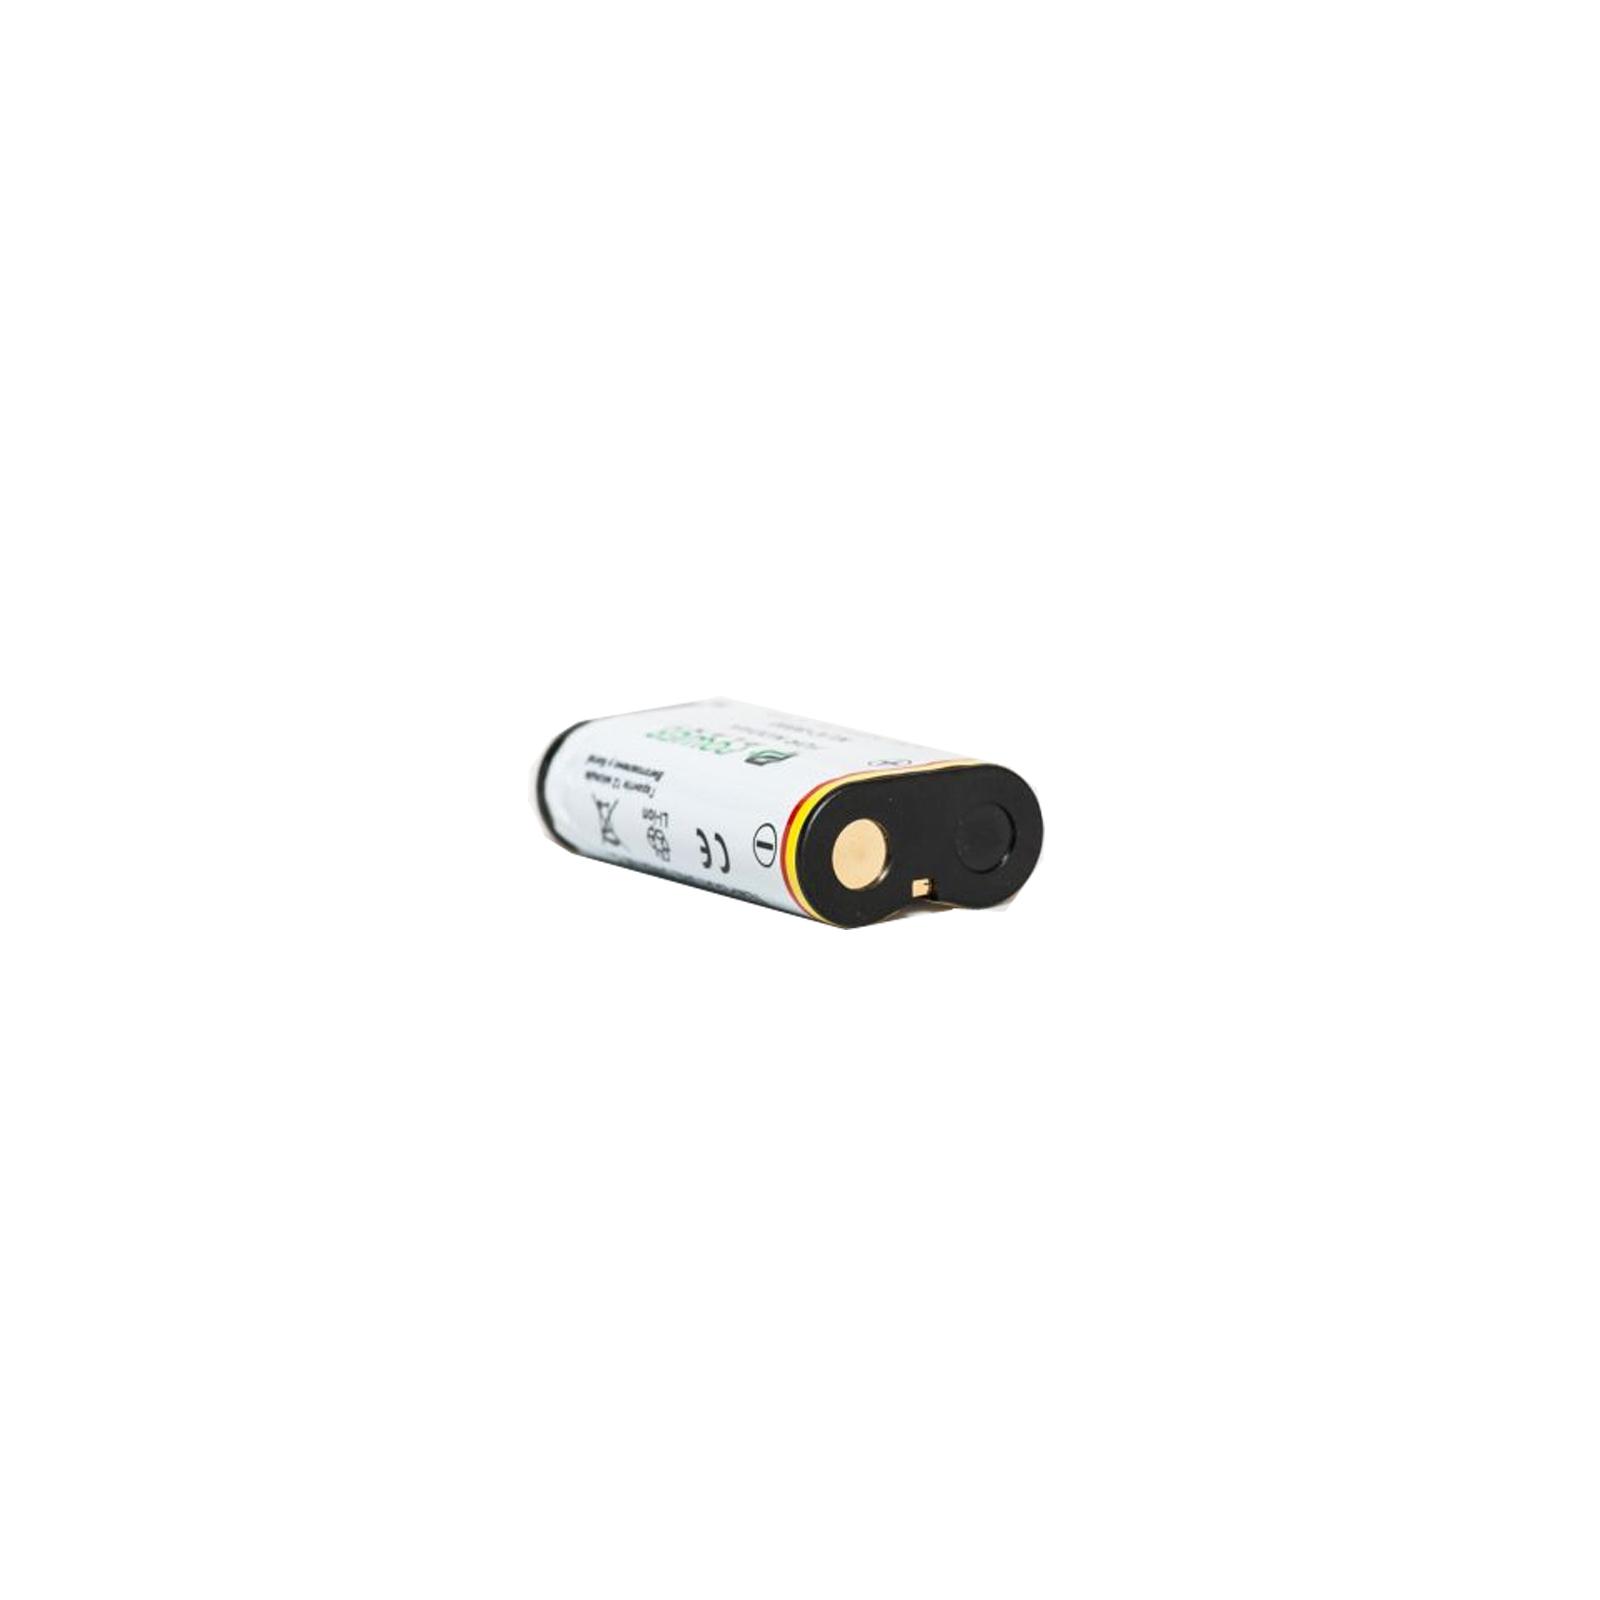 Аккумулятор к фото/видео PowerPlant Kodak KLIC-8000 (DV00DV1155)